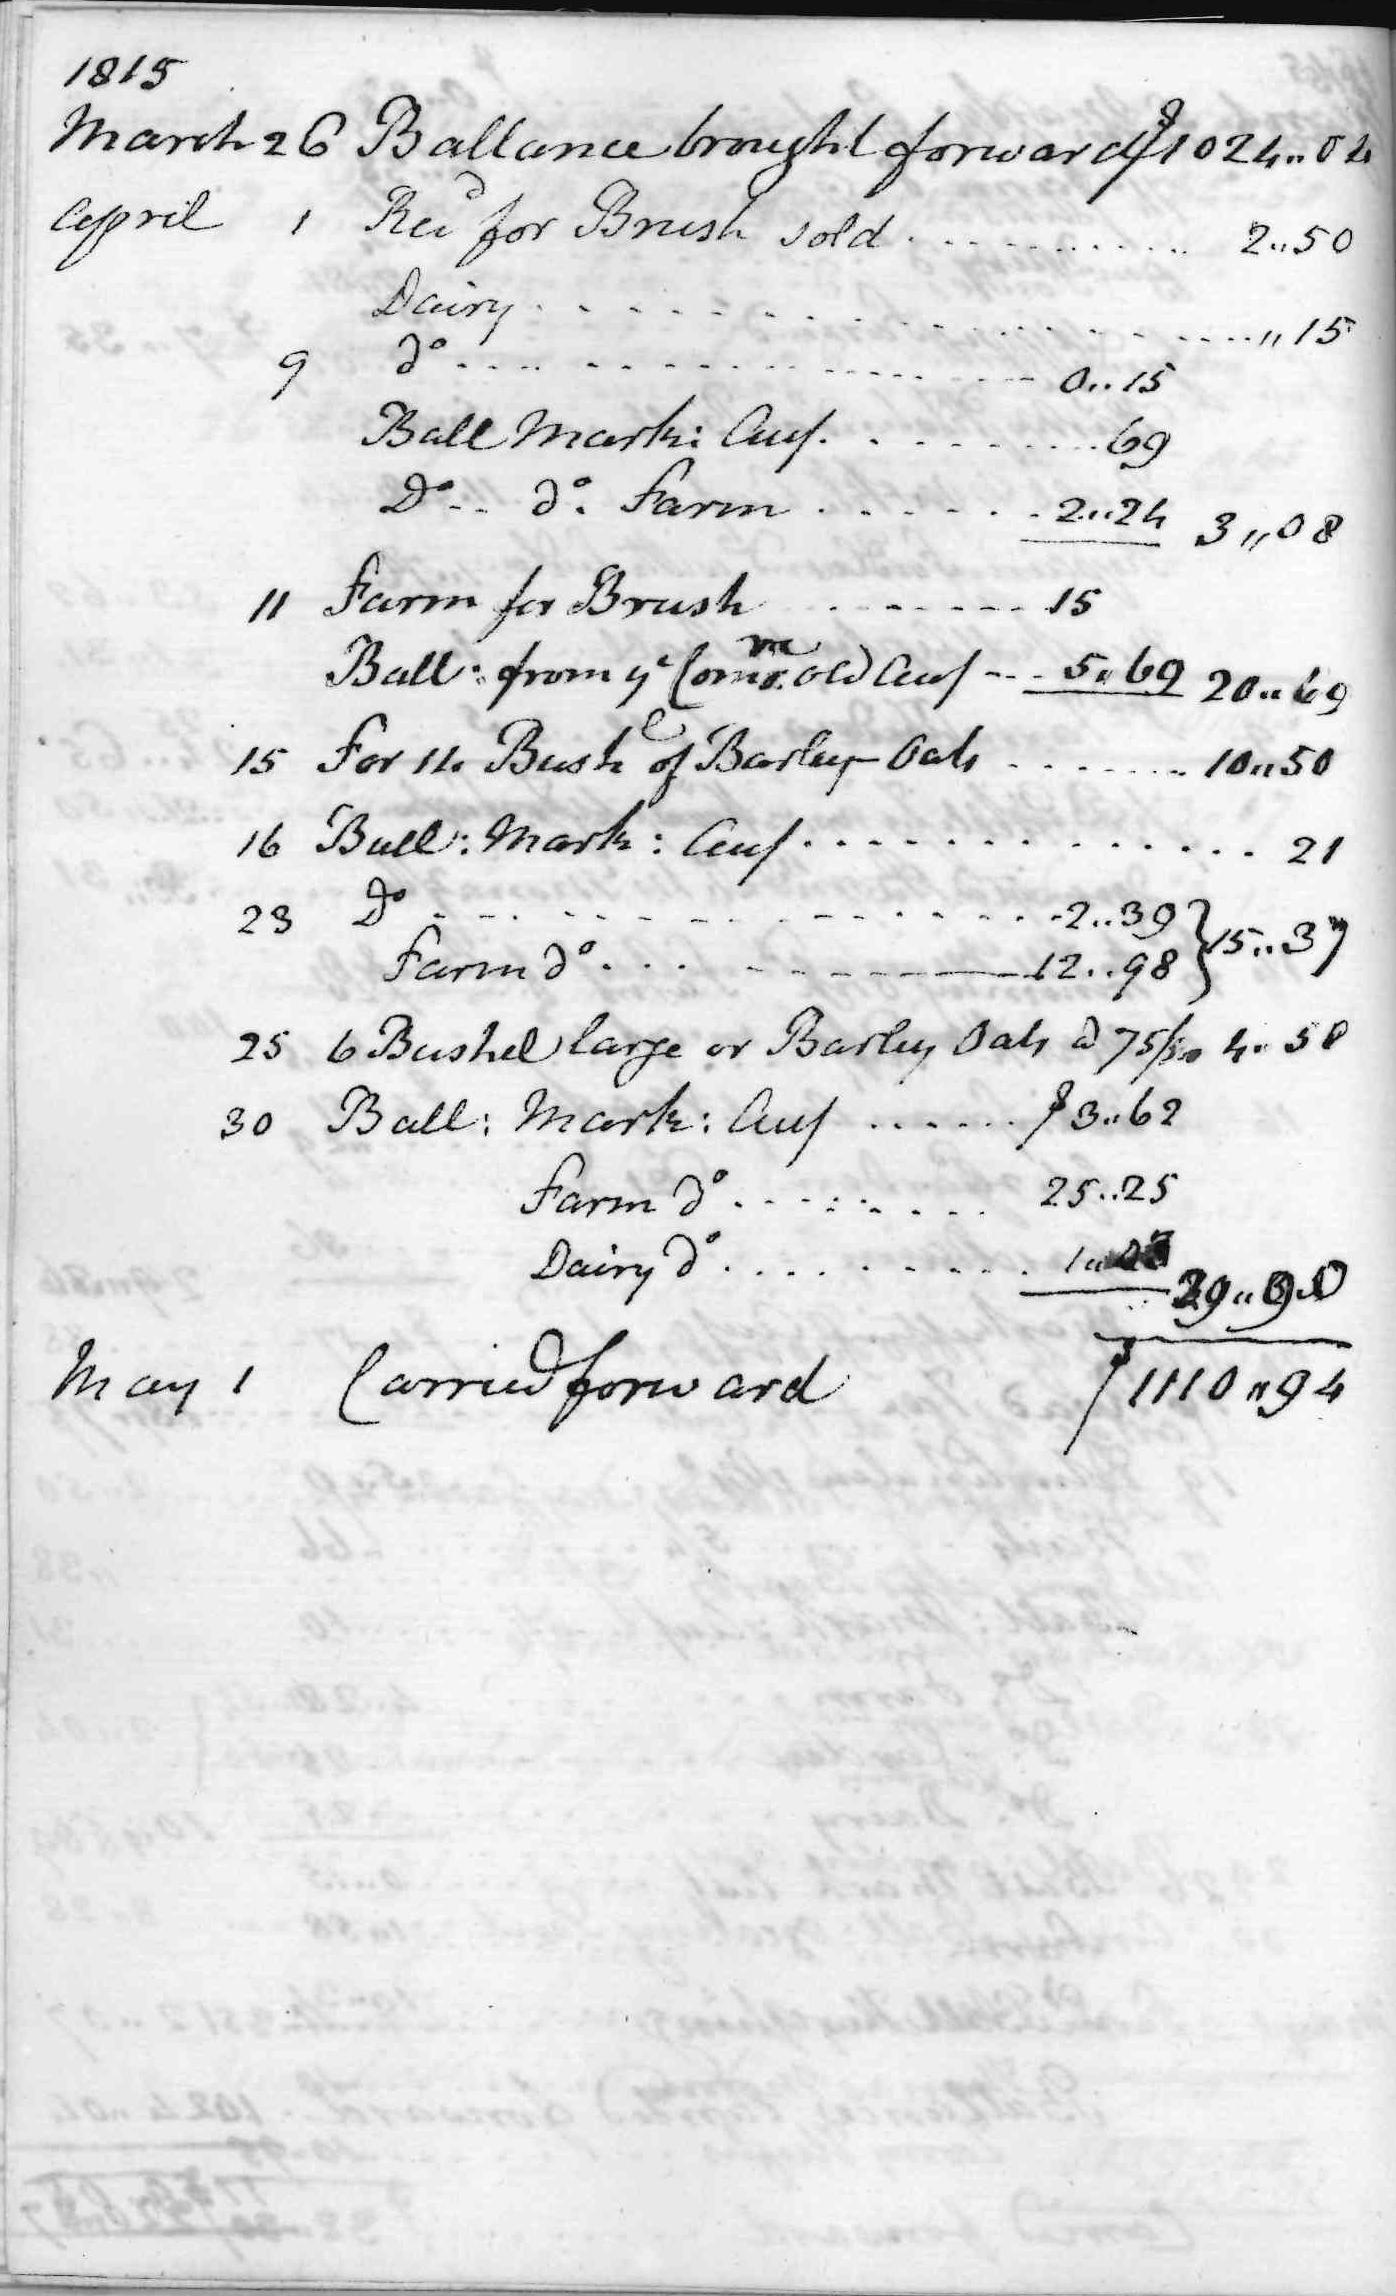 Gouverneur Morris Cash Book, folio 40, left side